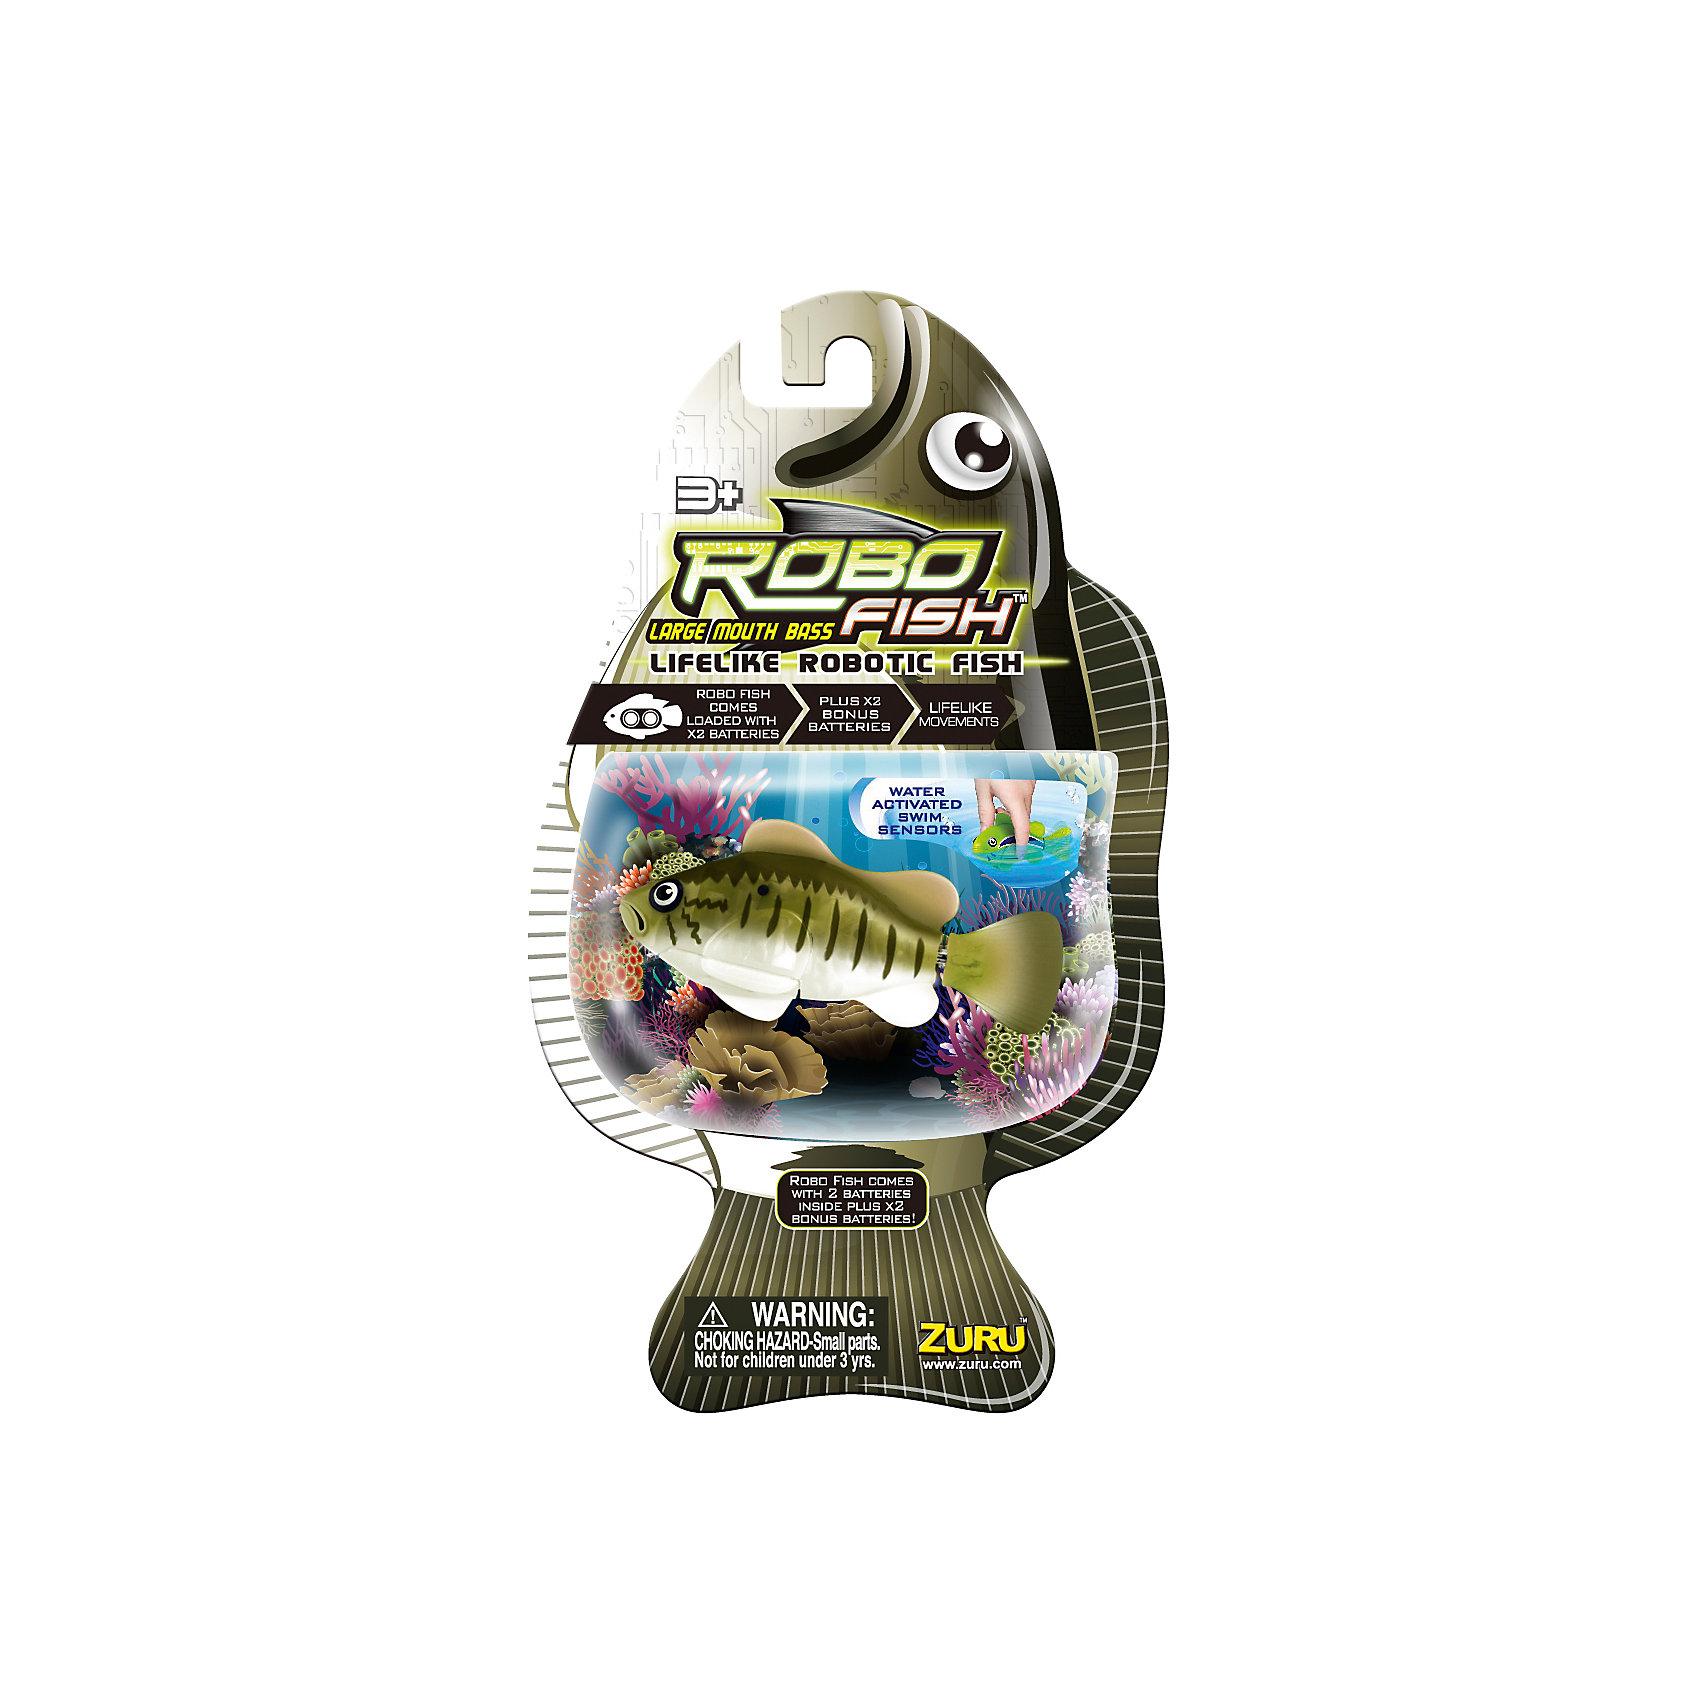 Роборыбка Большеротый окунь, RoboFishРоборыбки и русалки<br>Робо-рыбка (Robofish) Большеротый окунь совсем как живая!<br><br>В воде игрушка имитирует движения и повадки настоящей рыбы и может двигаться в 5 направлениях. При движении роборыбка может опускаться ко дну и подниматься к поверхности воды.<br><br>Механизм движения рыбки активируется только в воде.<br> <br>Робо-рыбка понравится как детям так и взрослым. <br><br>Дополнительная информация:<br><br>- Материал: высококачественная пластмасса<br>- Батарейки:2 батарейки LR44, входят в комплект<br>- Длина рыбки: около 8 см<br><br>Игрушку Робо-рыбка (Робофиш) Большеротый окунь можно купить в нашем интернет-магазине.<br><br>Ширина мм: 410<br>Глубина мм: 260<br>Высота мм: 230<br>Вес г: 400<br>Возраст от месяцев: 60<br>Возраст до месяцев: 144<br>Пол: Унисекс<br>Возраст: Детский<br>SKU: 3410009